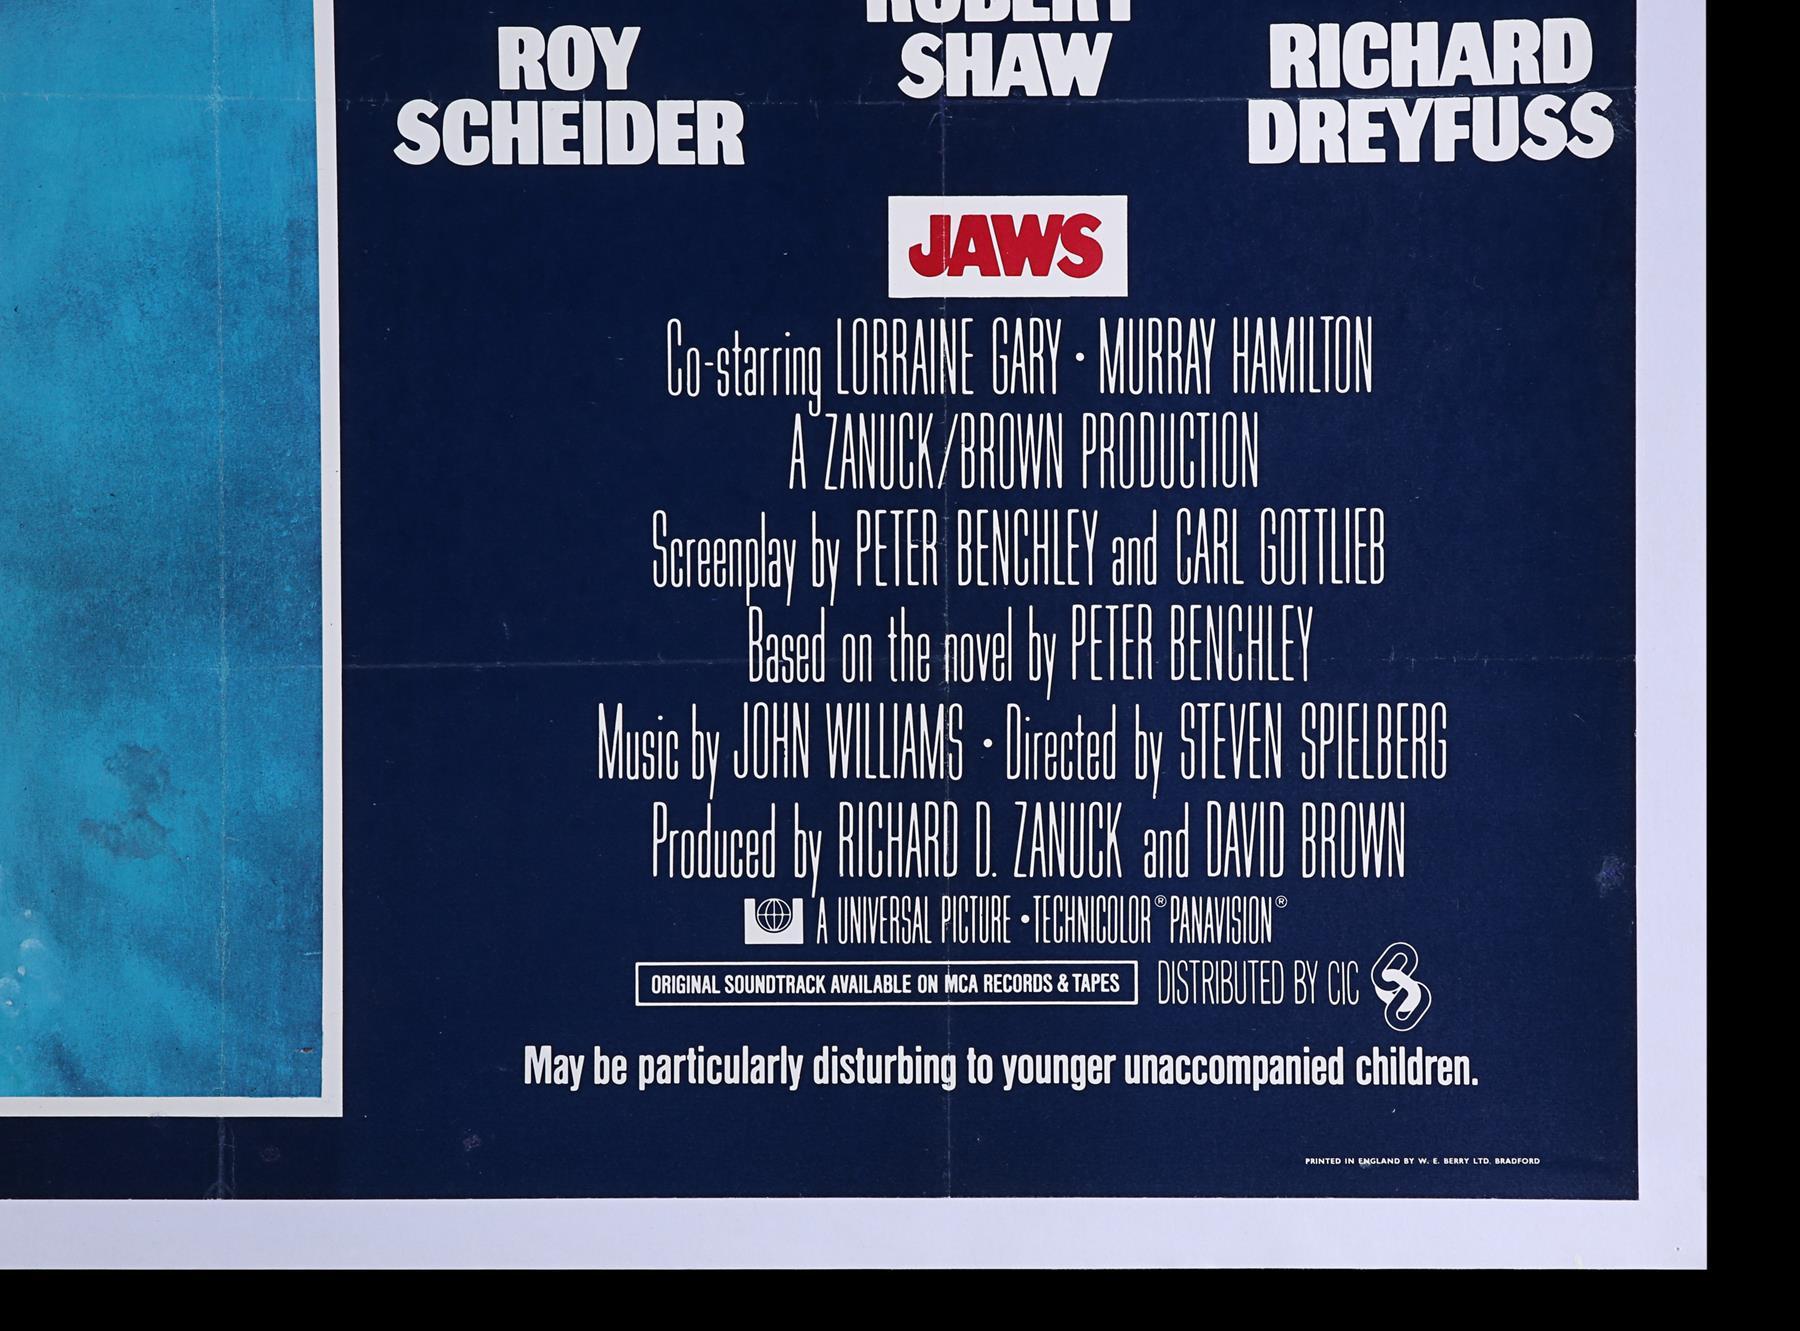 JAWS (1975) - UK Quad, 1975 - Image 4 of 5